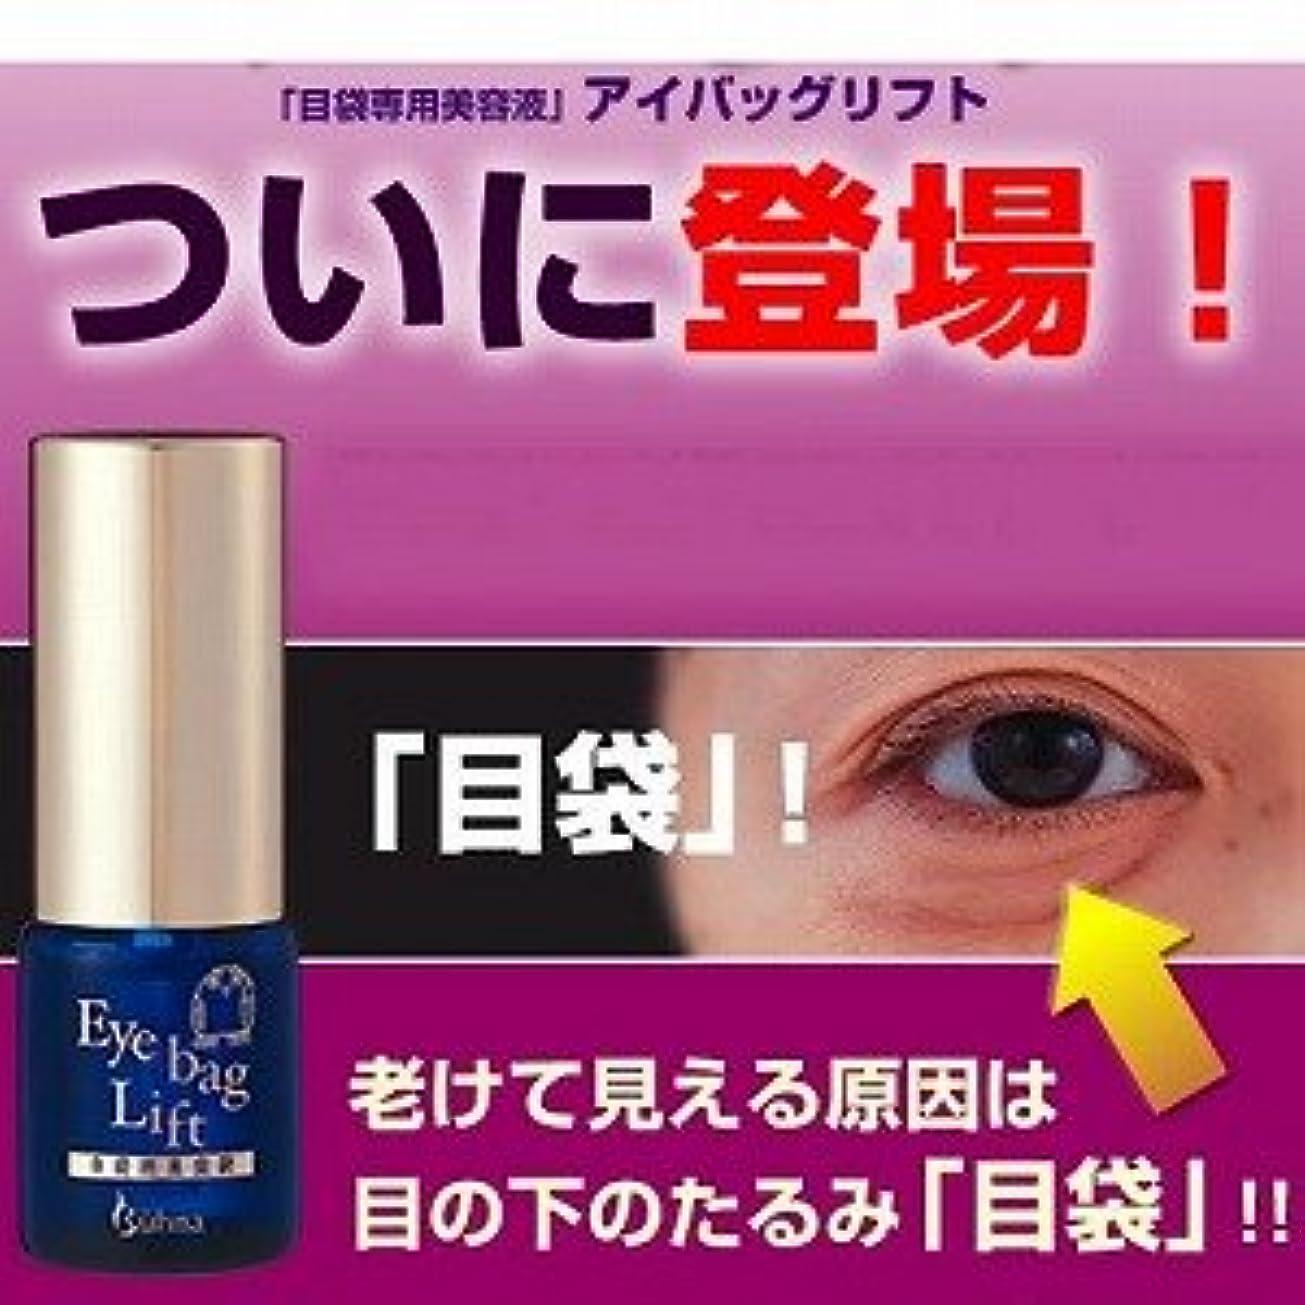 ずるい加速するバイパス老けて見える原因は、目元、目の下のたるみ「目袋」『目袋専用美容液 アイバッグリフト』